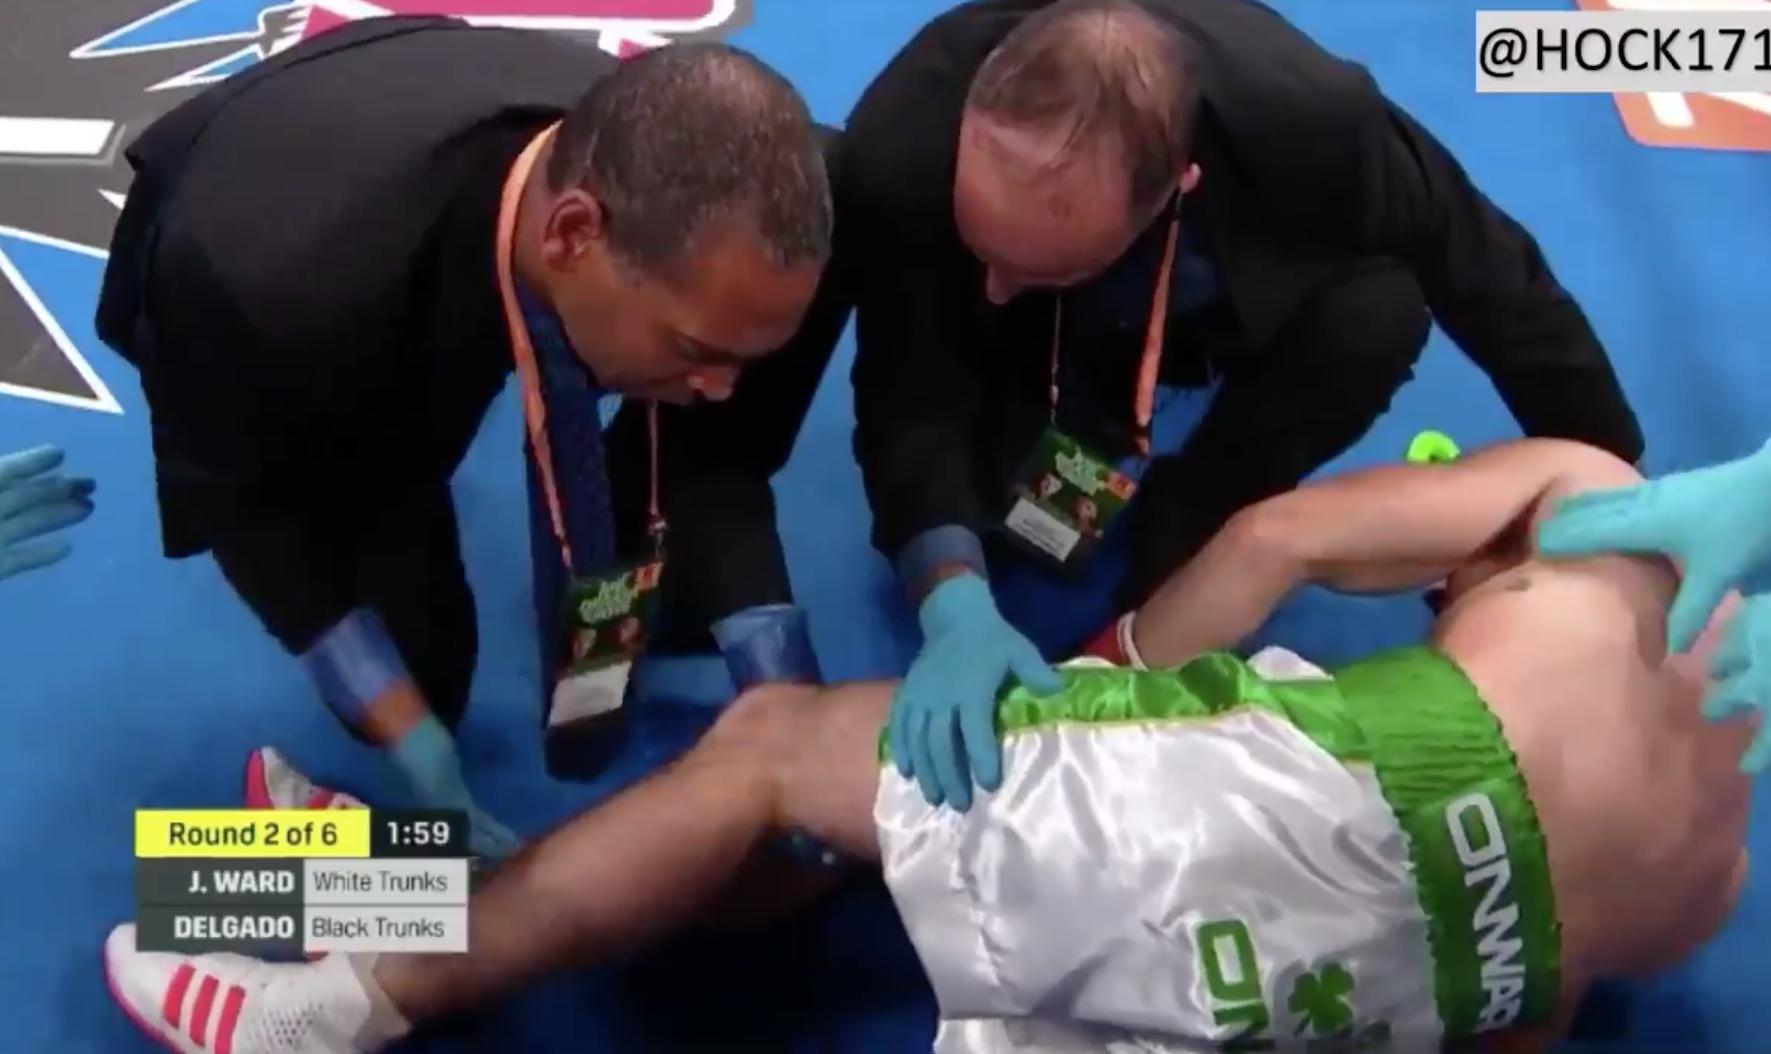 Boxeador sufre terrible lesión en la rodilla durante una pelea